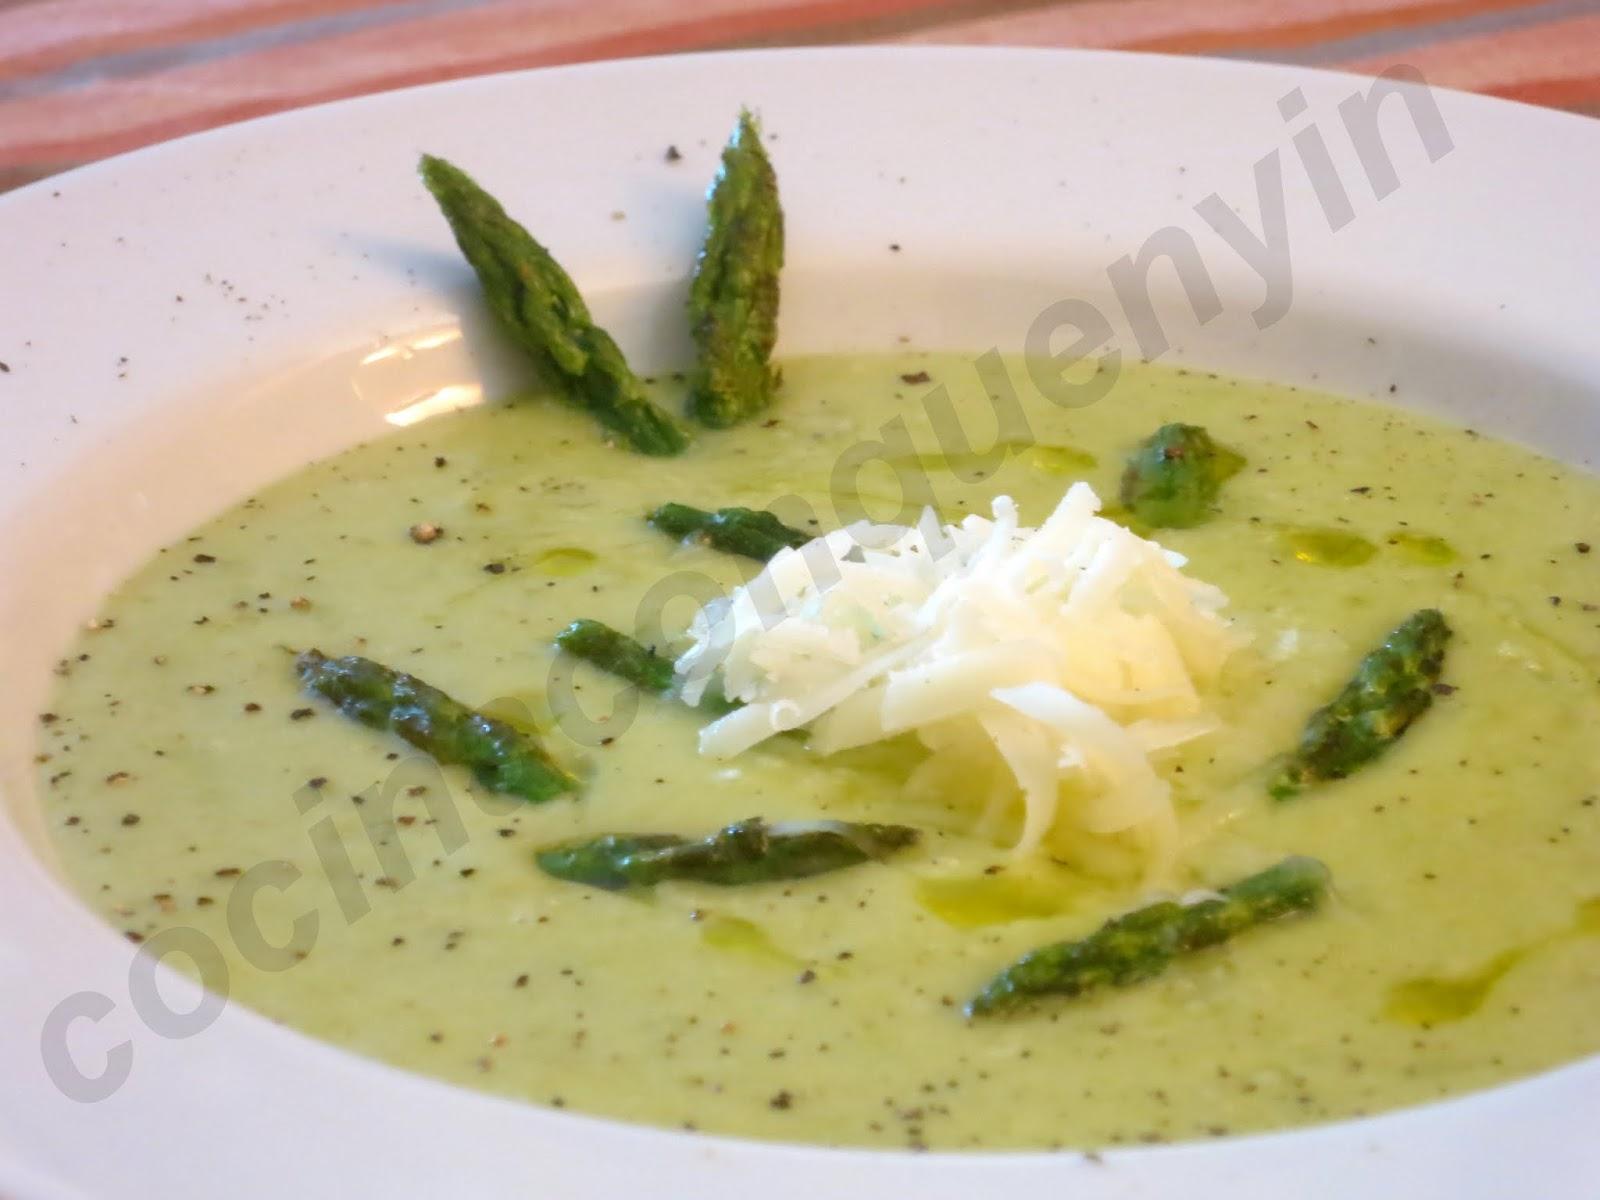 Cocina con quenyin crema de esp rragos verdes con queso - Comidas con esparragos ...